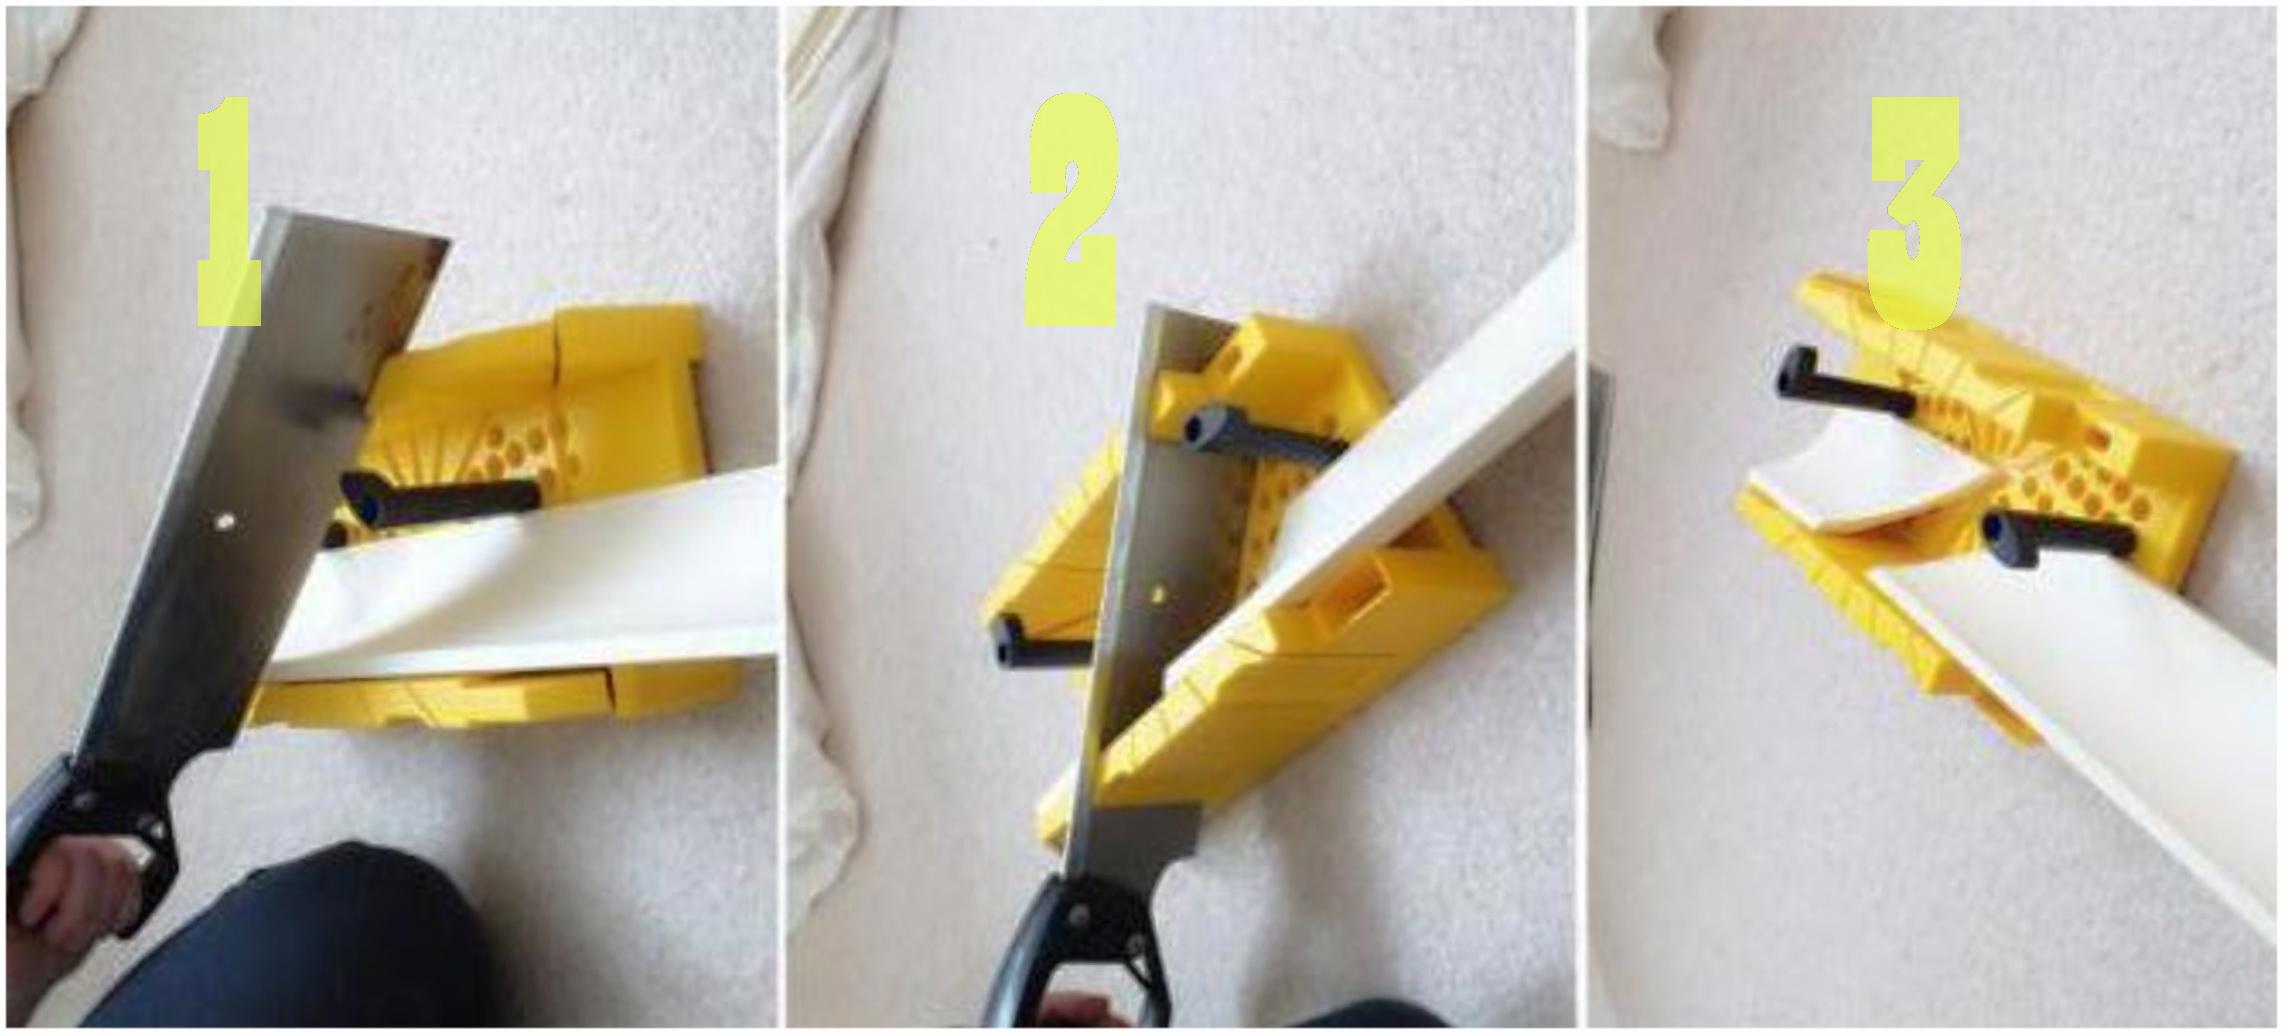 Как подрезать плинтус ПВХ